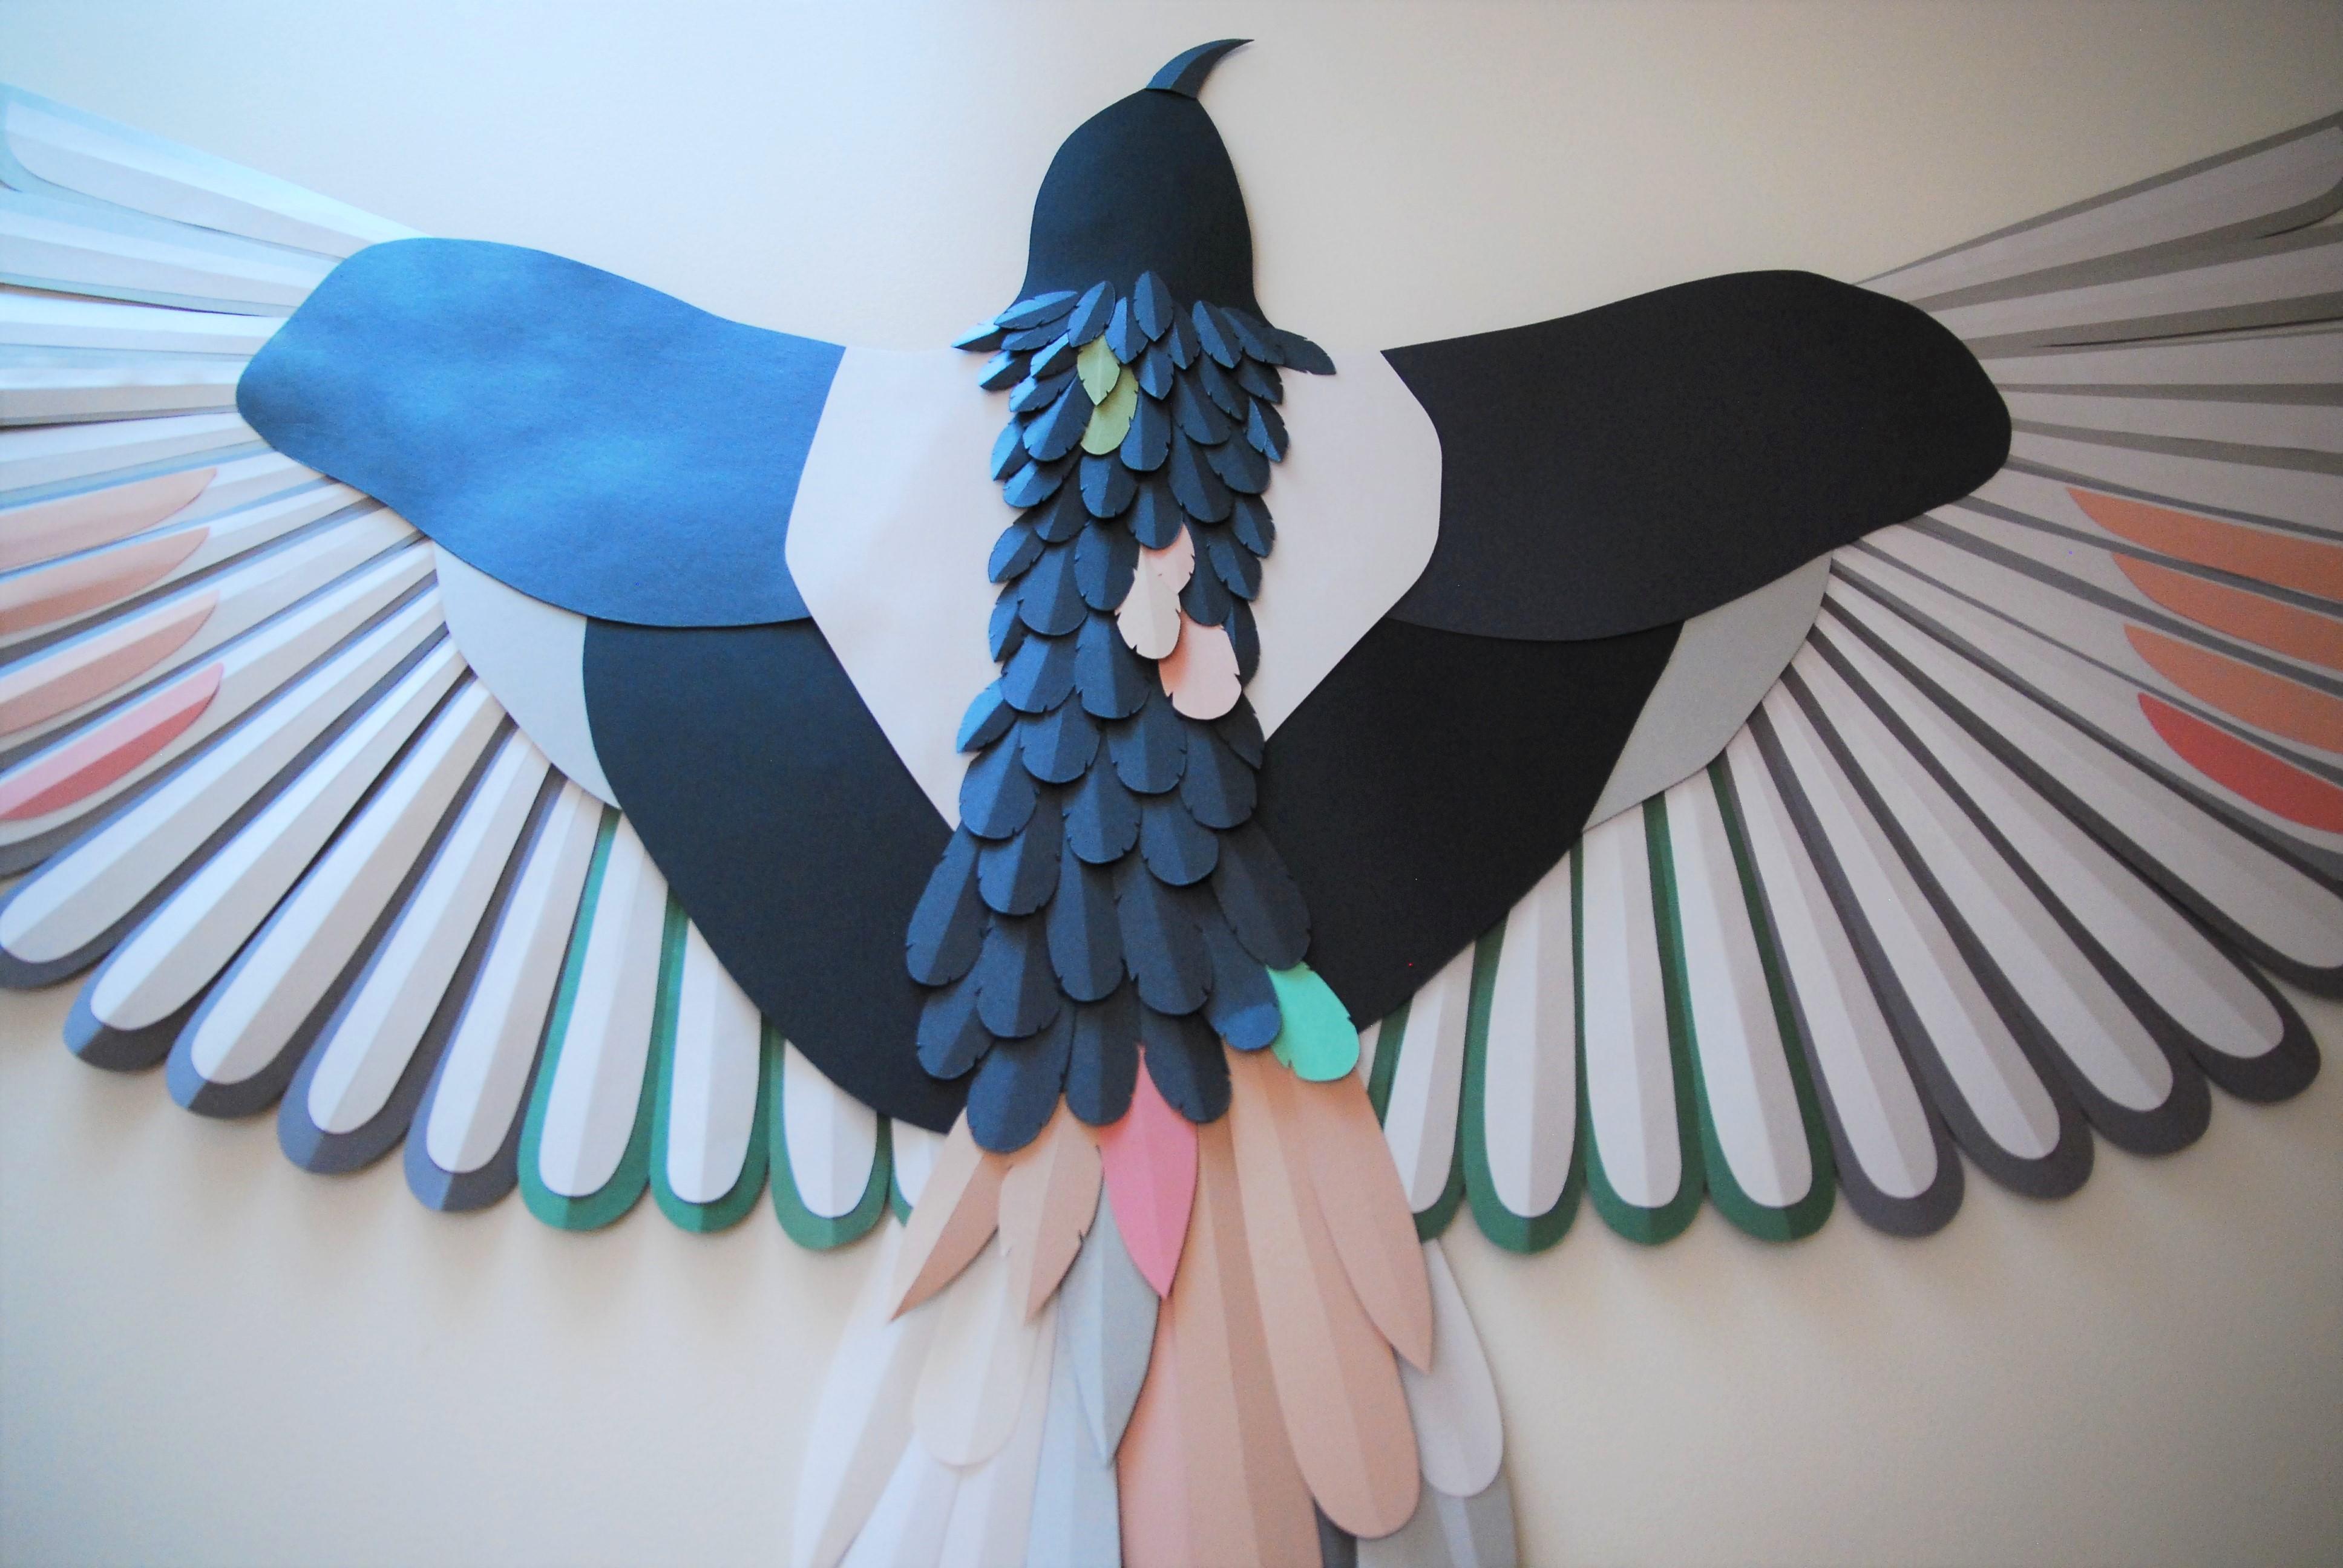 Sculpture papier-zoom-Oiseau-plumage-oeuvre-particuliers-Laure-Devenelle-2020